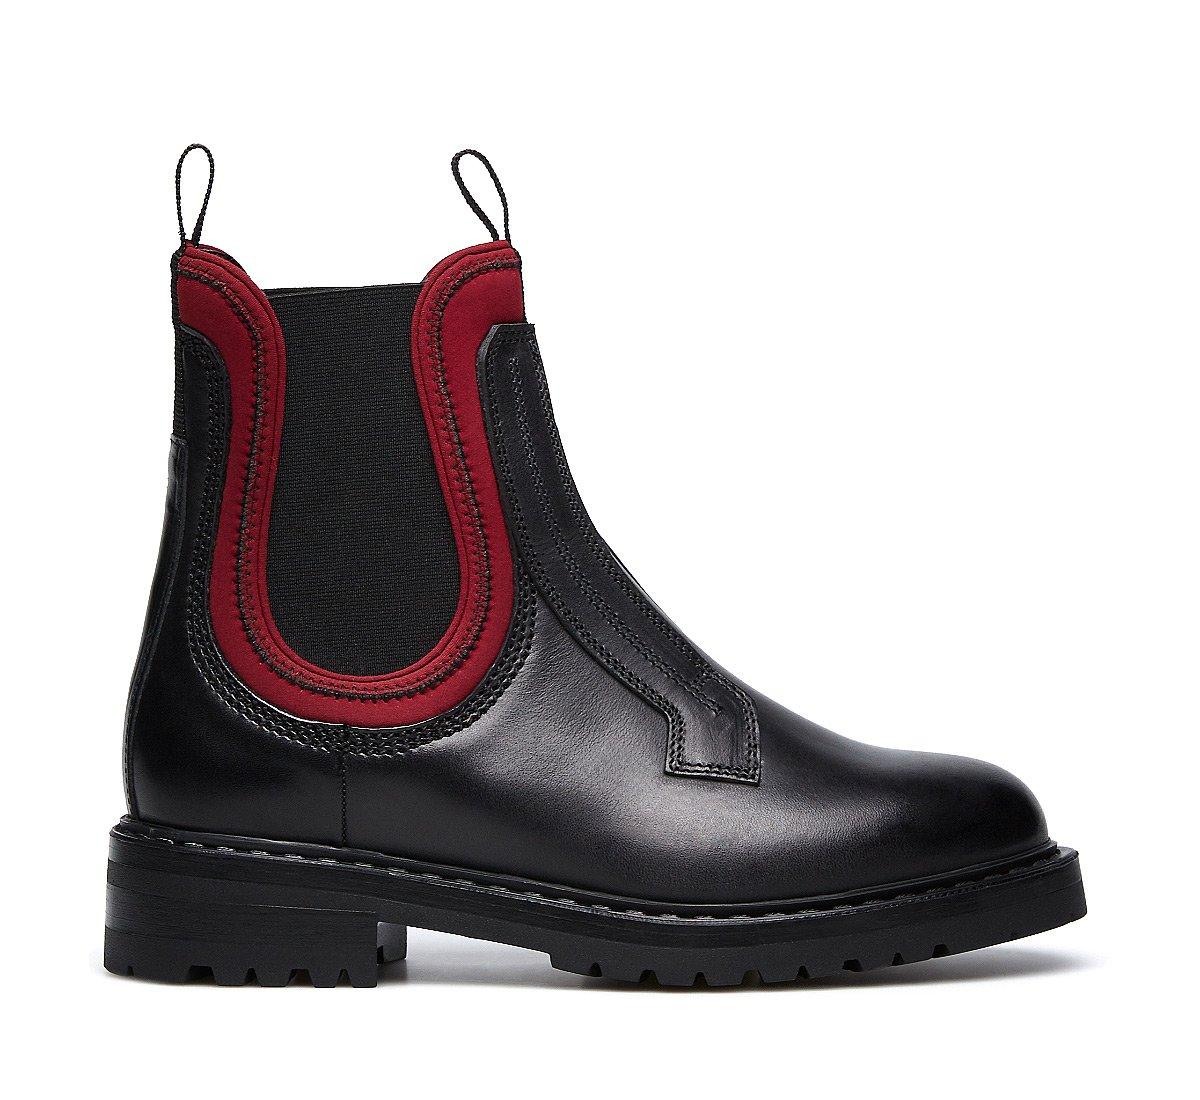 Полностью черные ботинки Челси Barracuda